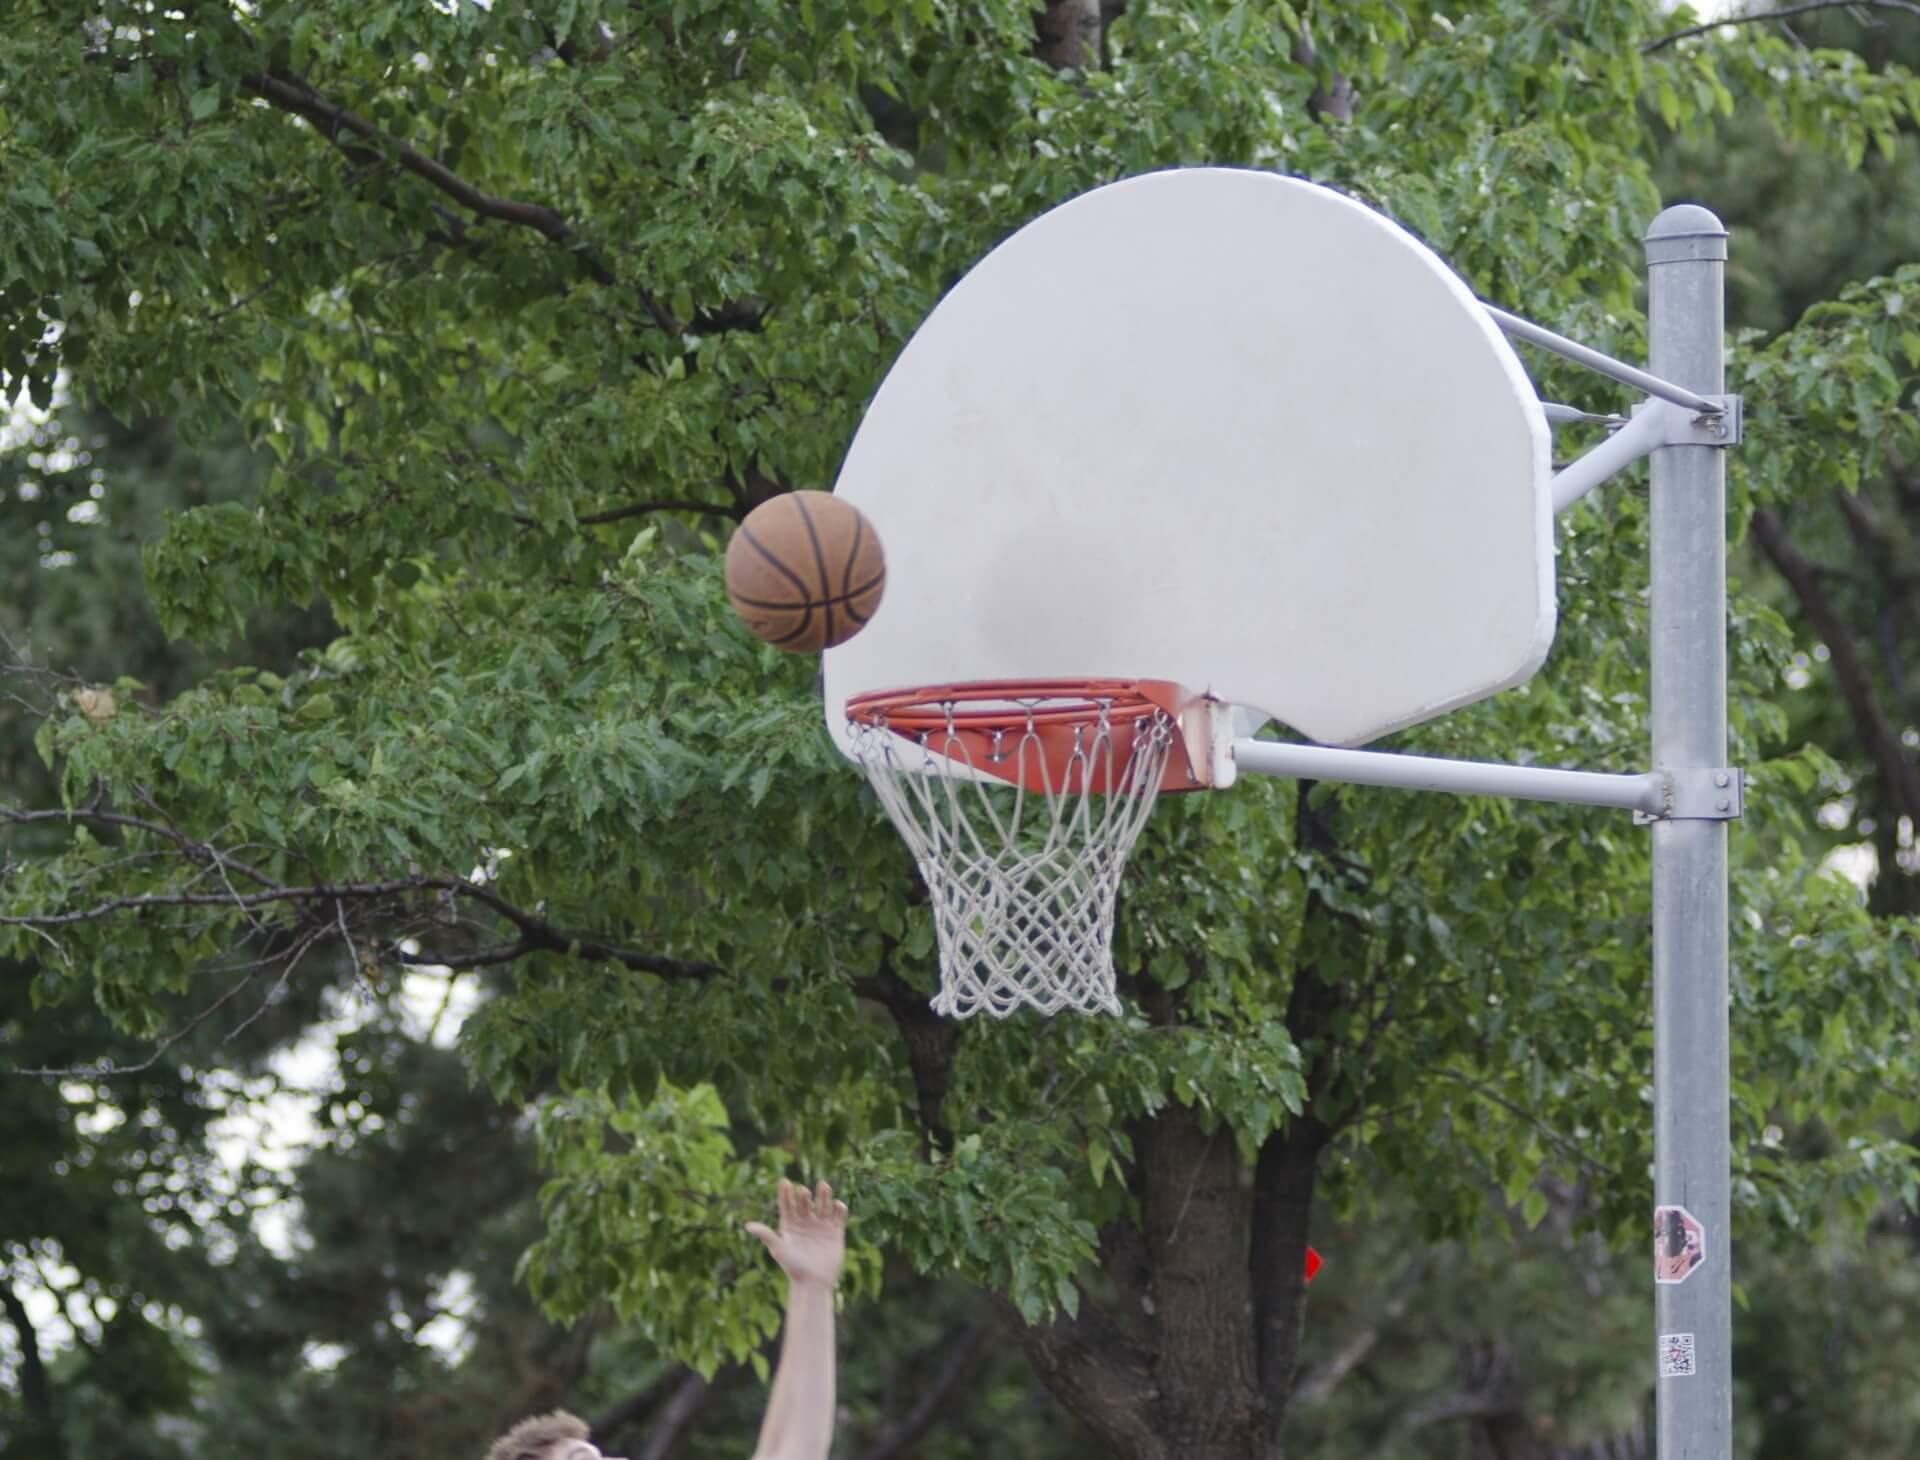 天才バスケットボール選手